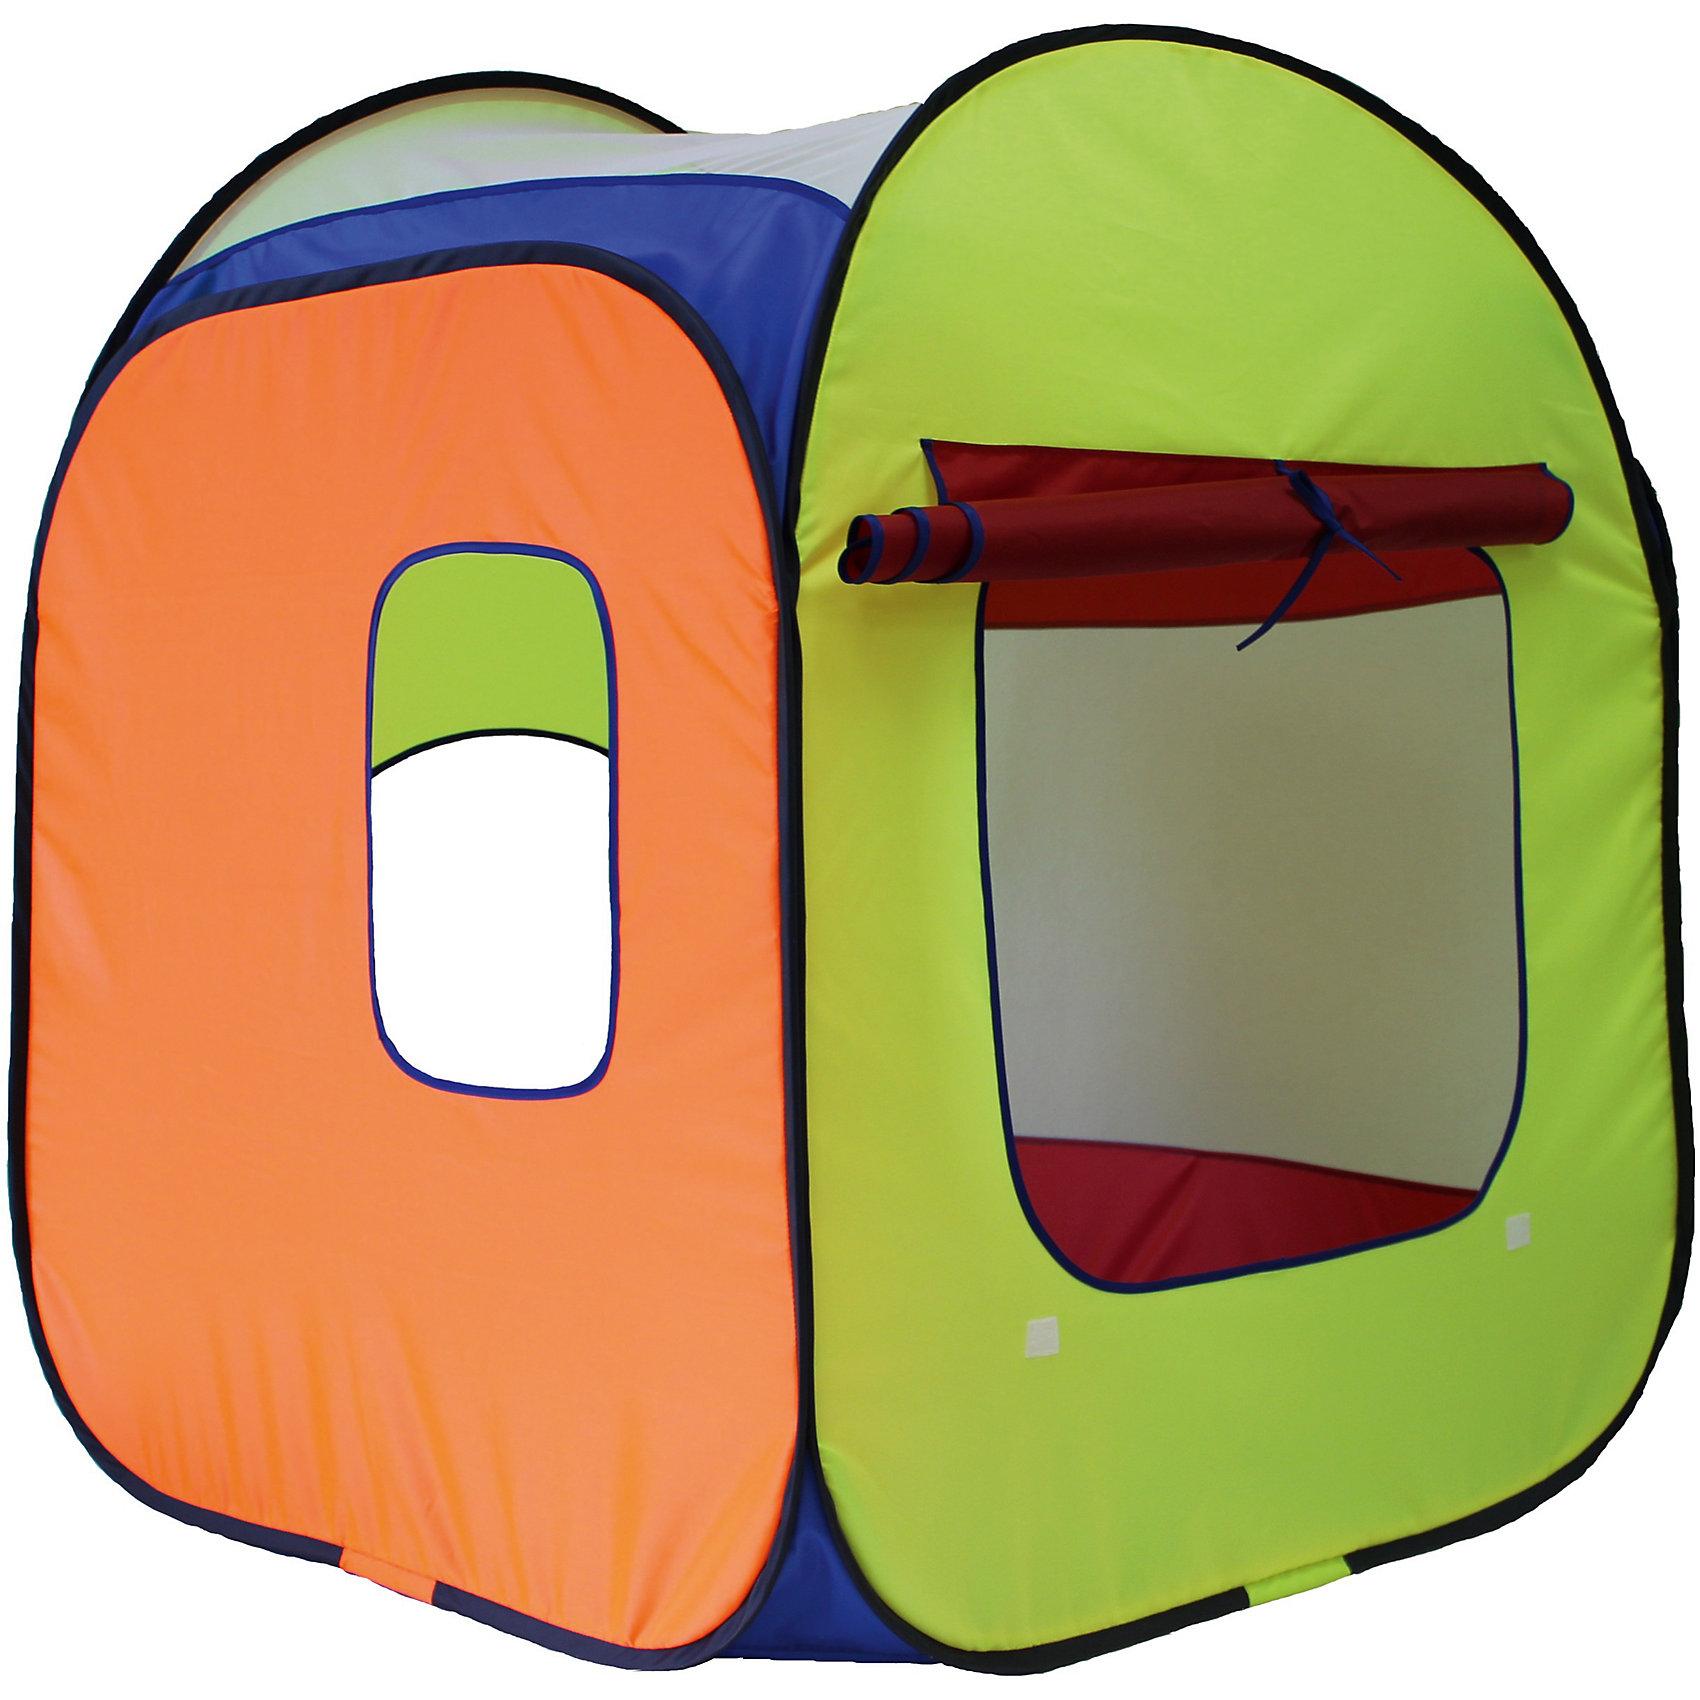 Палатка Радужный домик, разноуровневаяРазмер: 85 см х 85 см х 110 см. Используемые материалы: прочный синтетический водоотталкивающий материал, москитная сетка, лента контакт, стальная пружинная лента.<br><br>Ширина мм: 400<br>Глубина мм: 400<br>Высота мм: 60<br>Вес г: 855<br>Возраст от месяцев: 36<br>Возраст до месяцев: 120<br>Пол: Унисекс<br>Возраст: Детский<br>SKU: 4852045